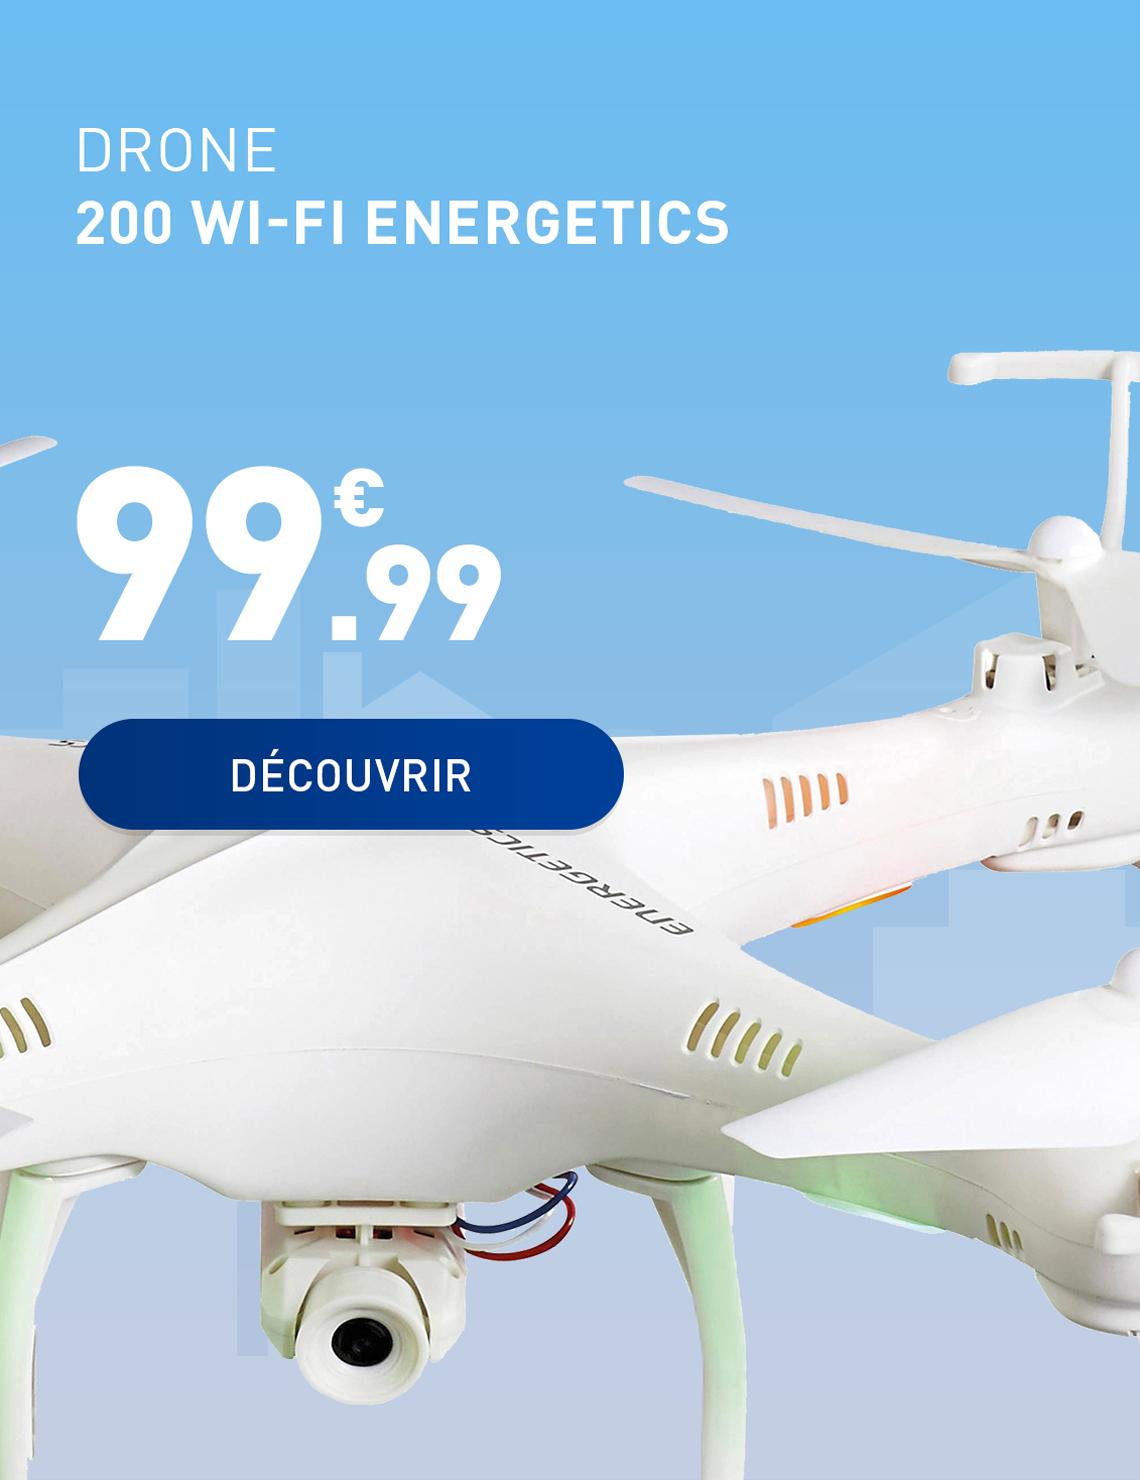 6_drone-energetics_lp_noel2016